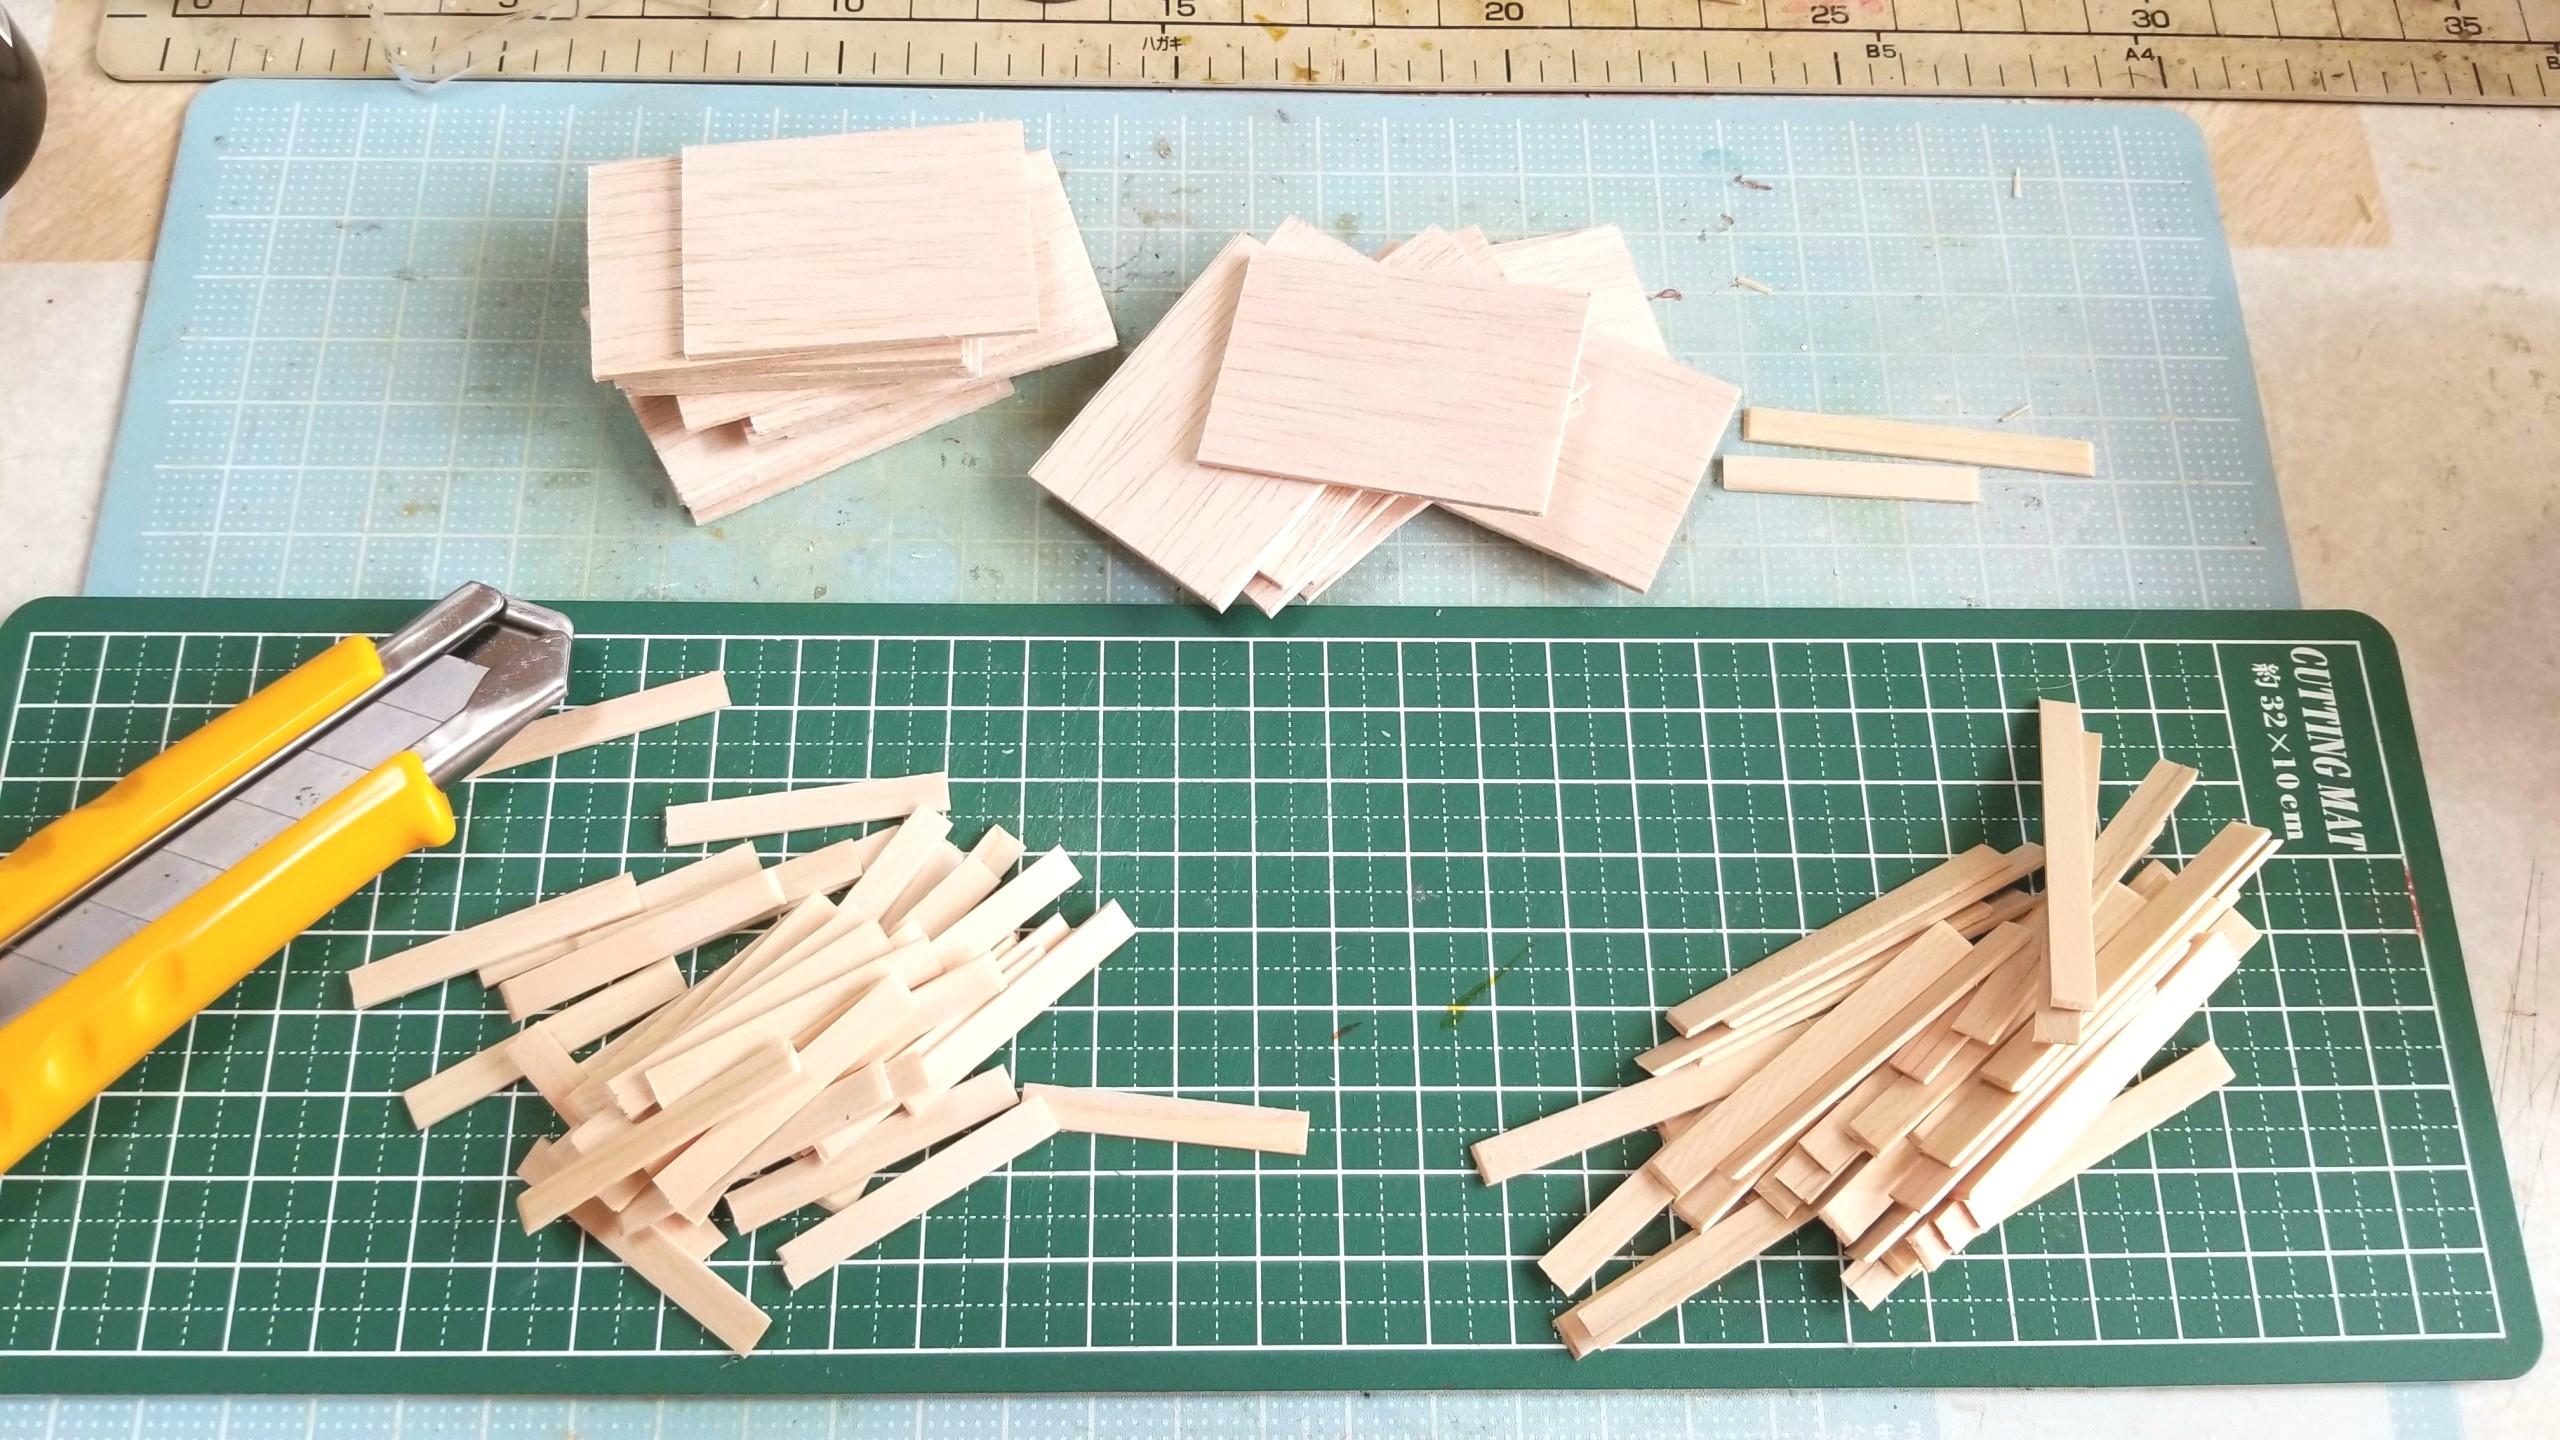 おぼん,作り方,ミニチュアフード,ひのき,桧,木材,木工作業,日曜大工